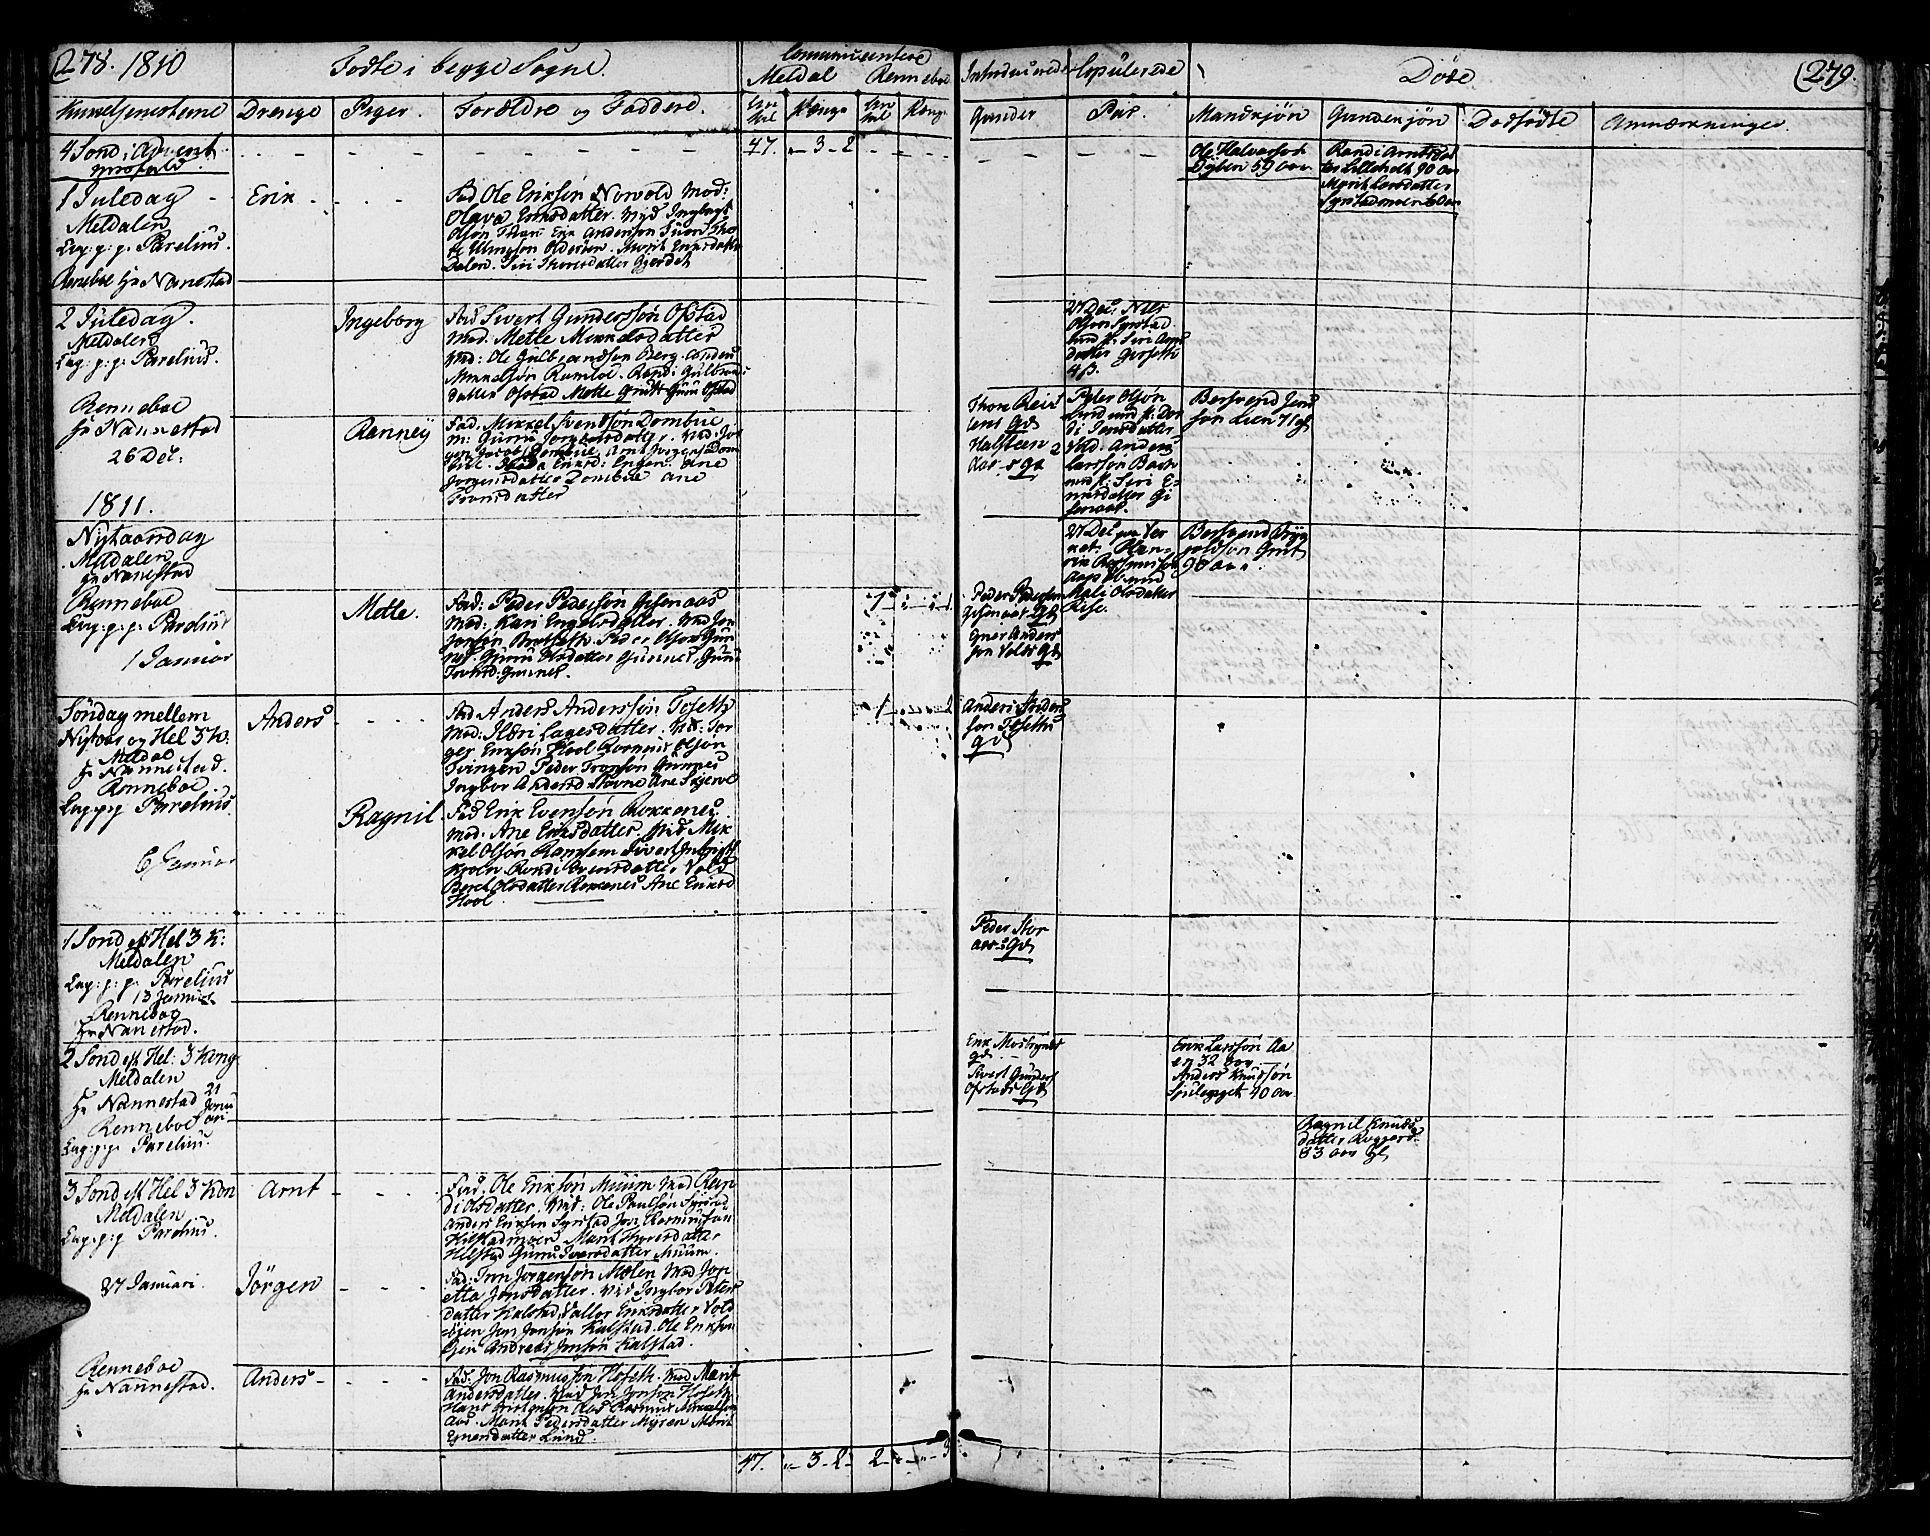 SAT, Ministerialprotokoller, klokkerbøker og fødselsregistre - Sør-Trøndelag, 672/L0852: Ministerialbok nr. 672A05, 1776-1815, s. 278-279